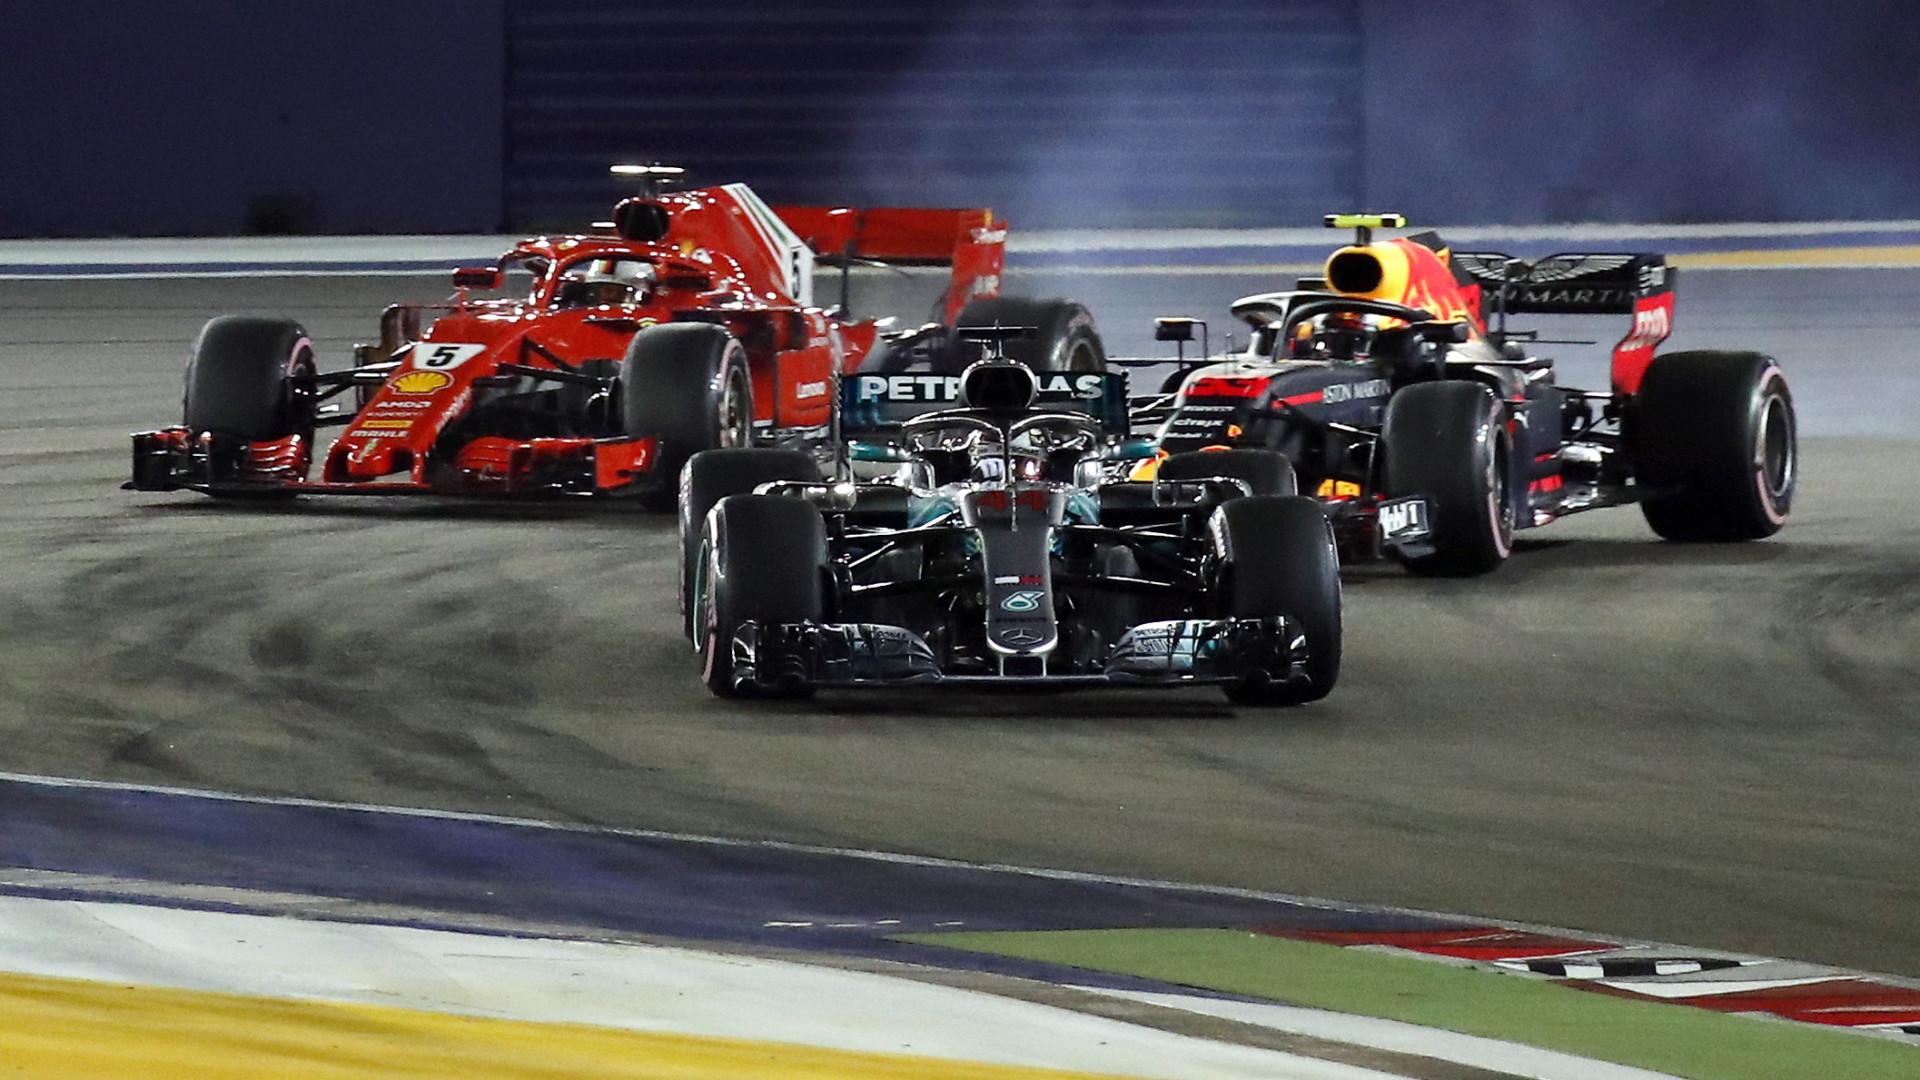 Hamilton vence Grande Prémio de Singapura e reforça liderança no Mundial